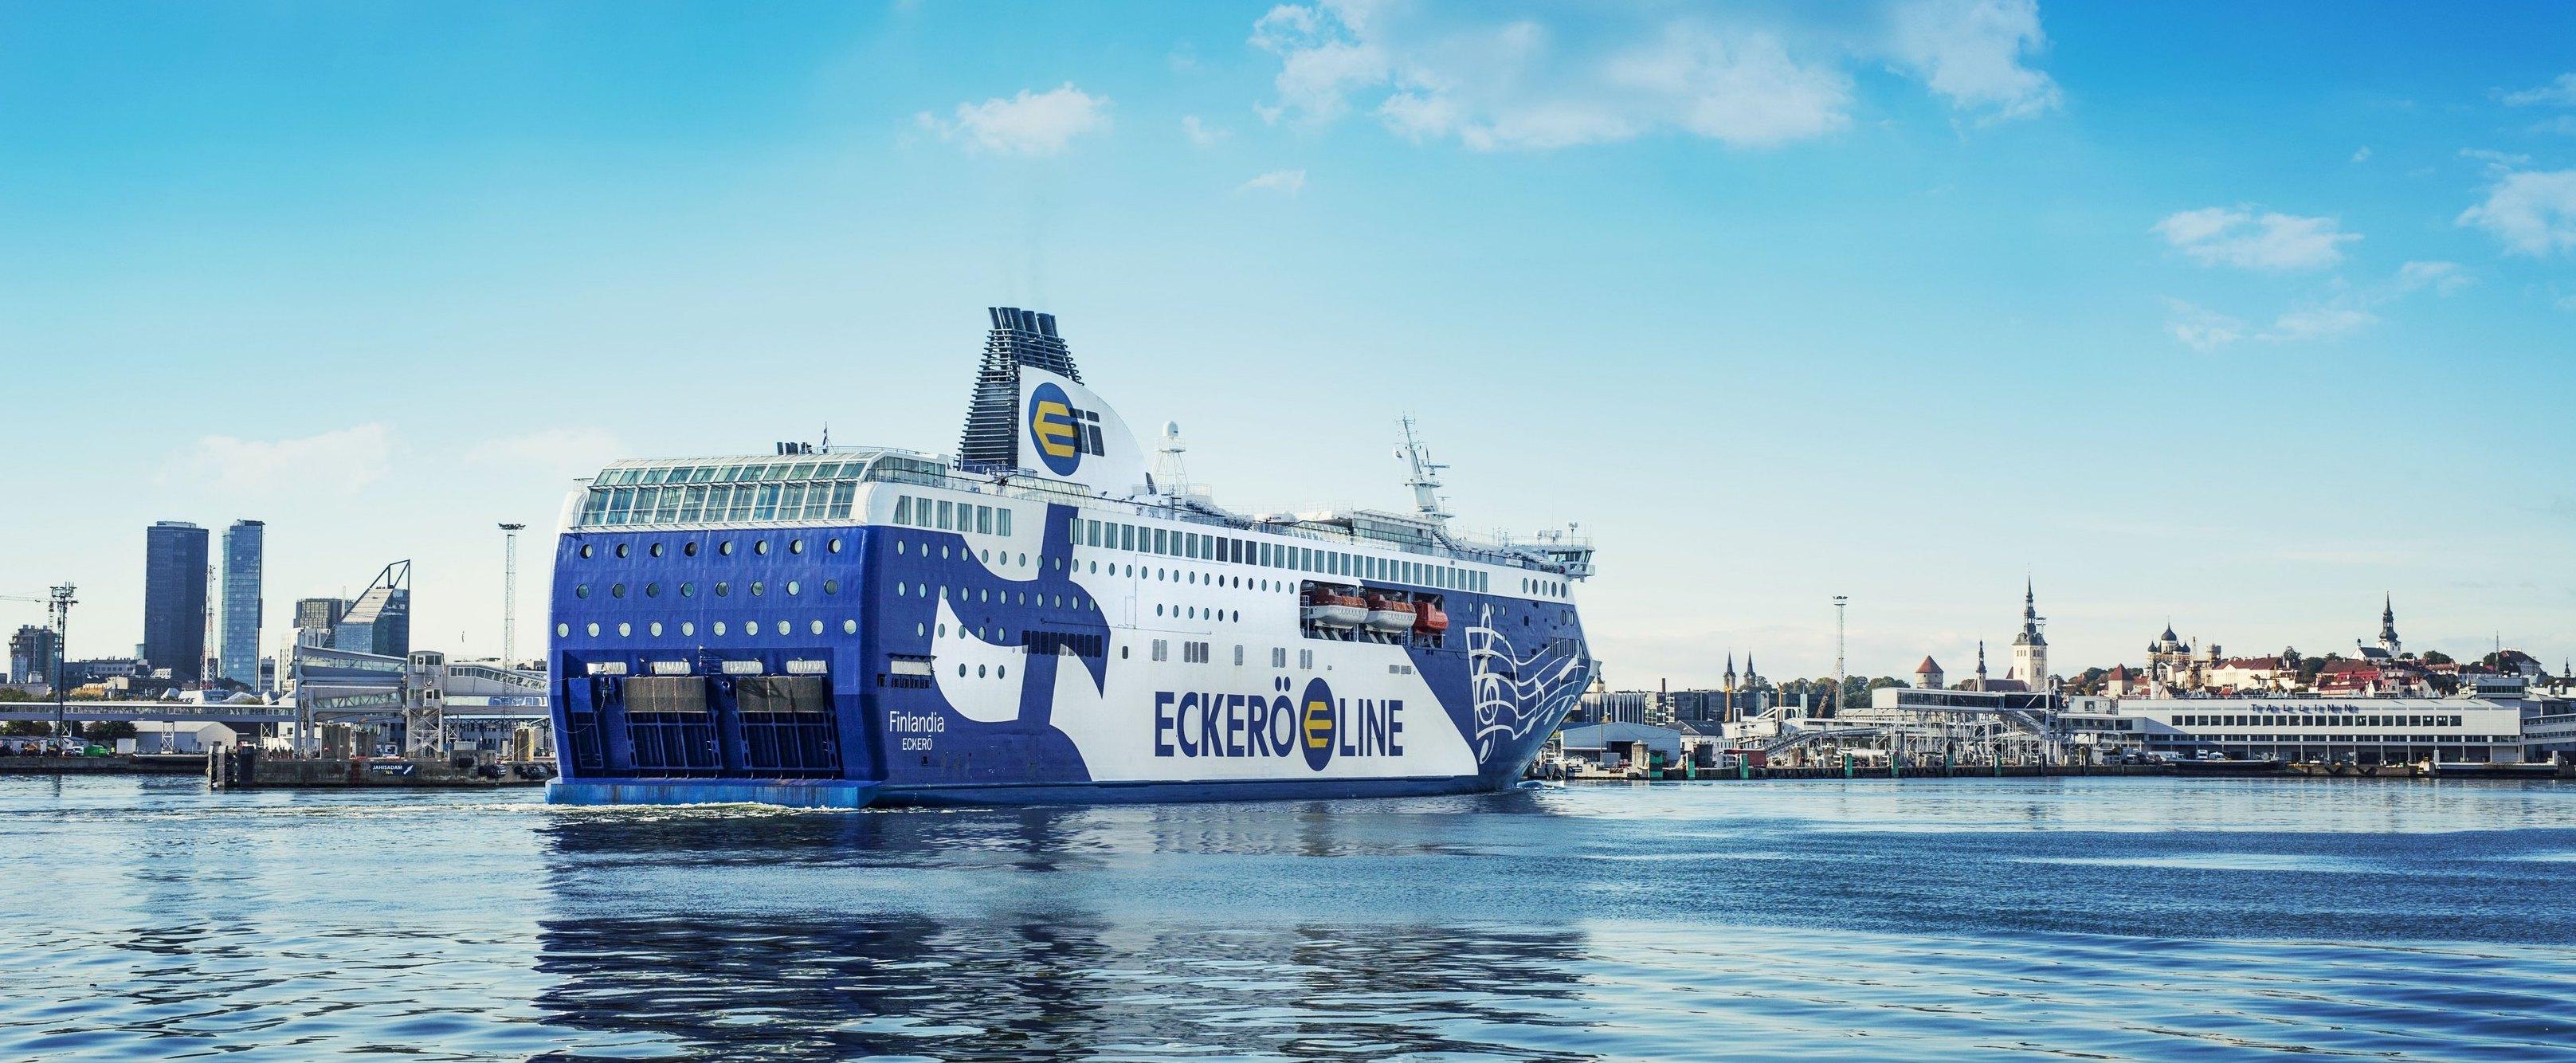 Foto do navio Eckerö Line - Finlandia